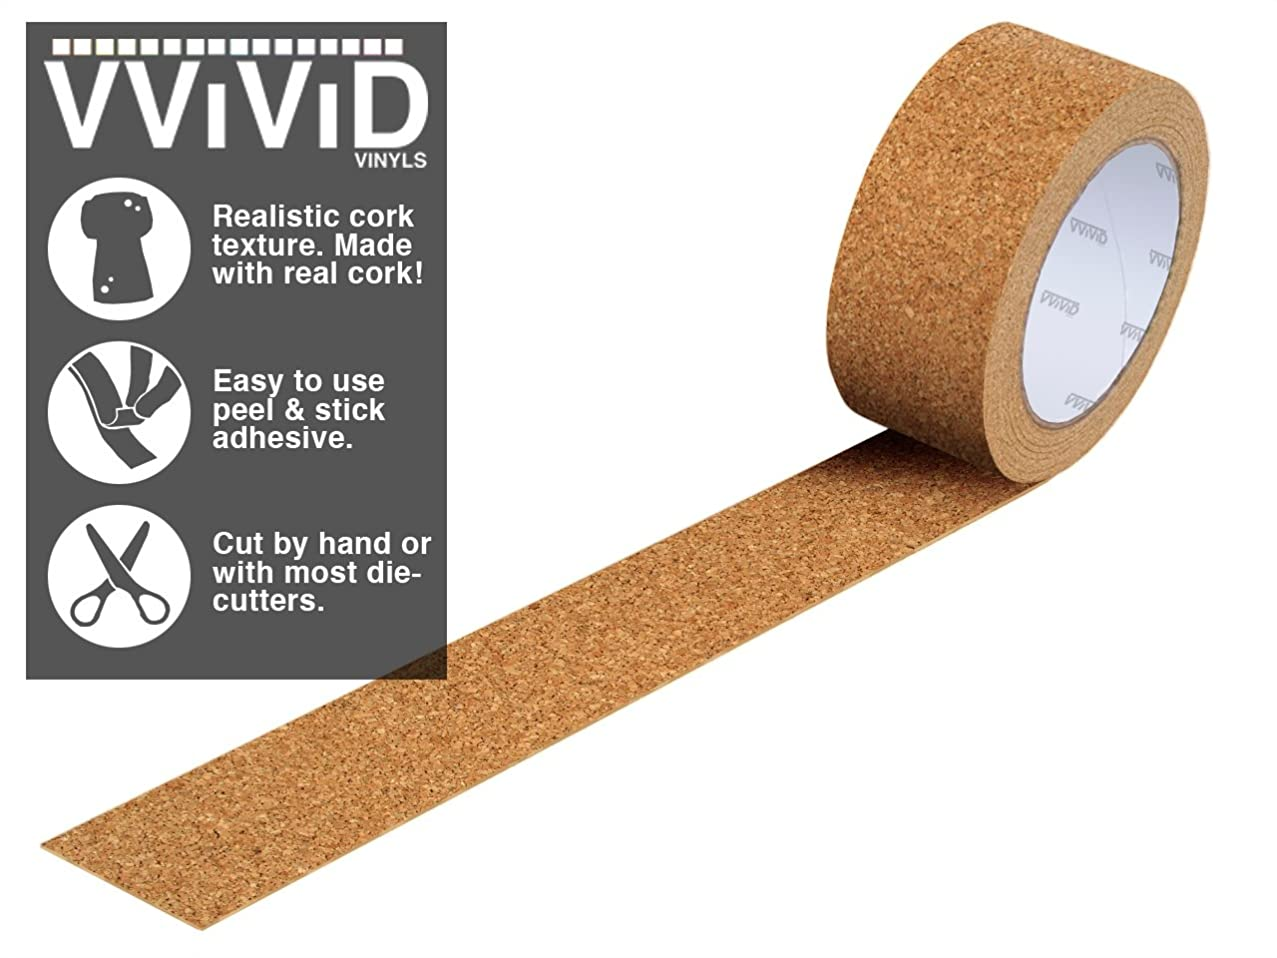 VViViD Natural Cork Adhesive Vinyl Tape Roll (2